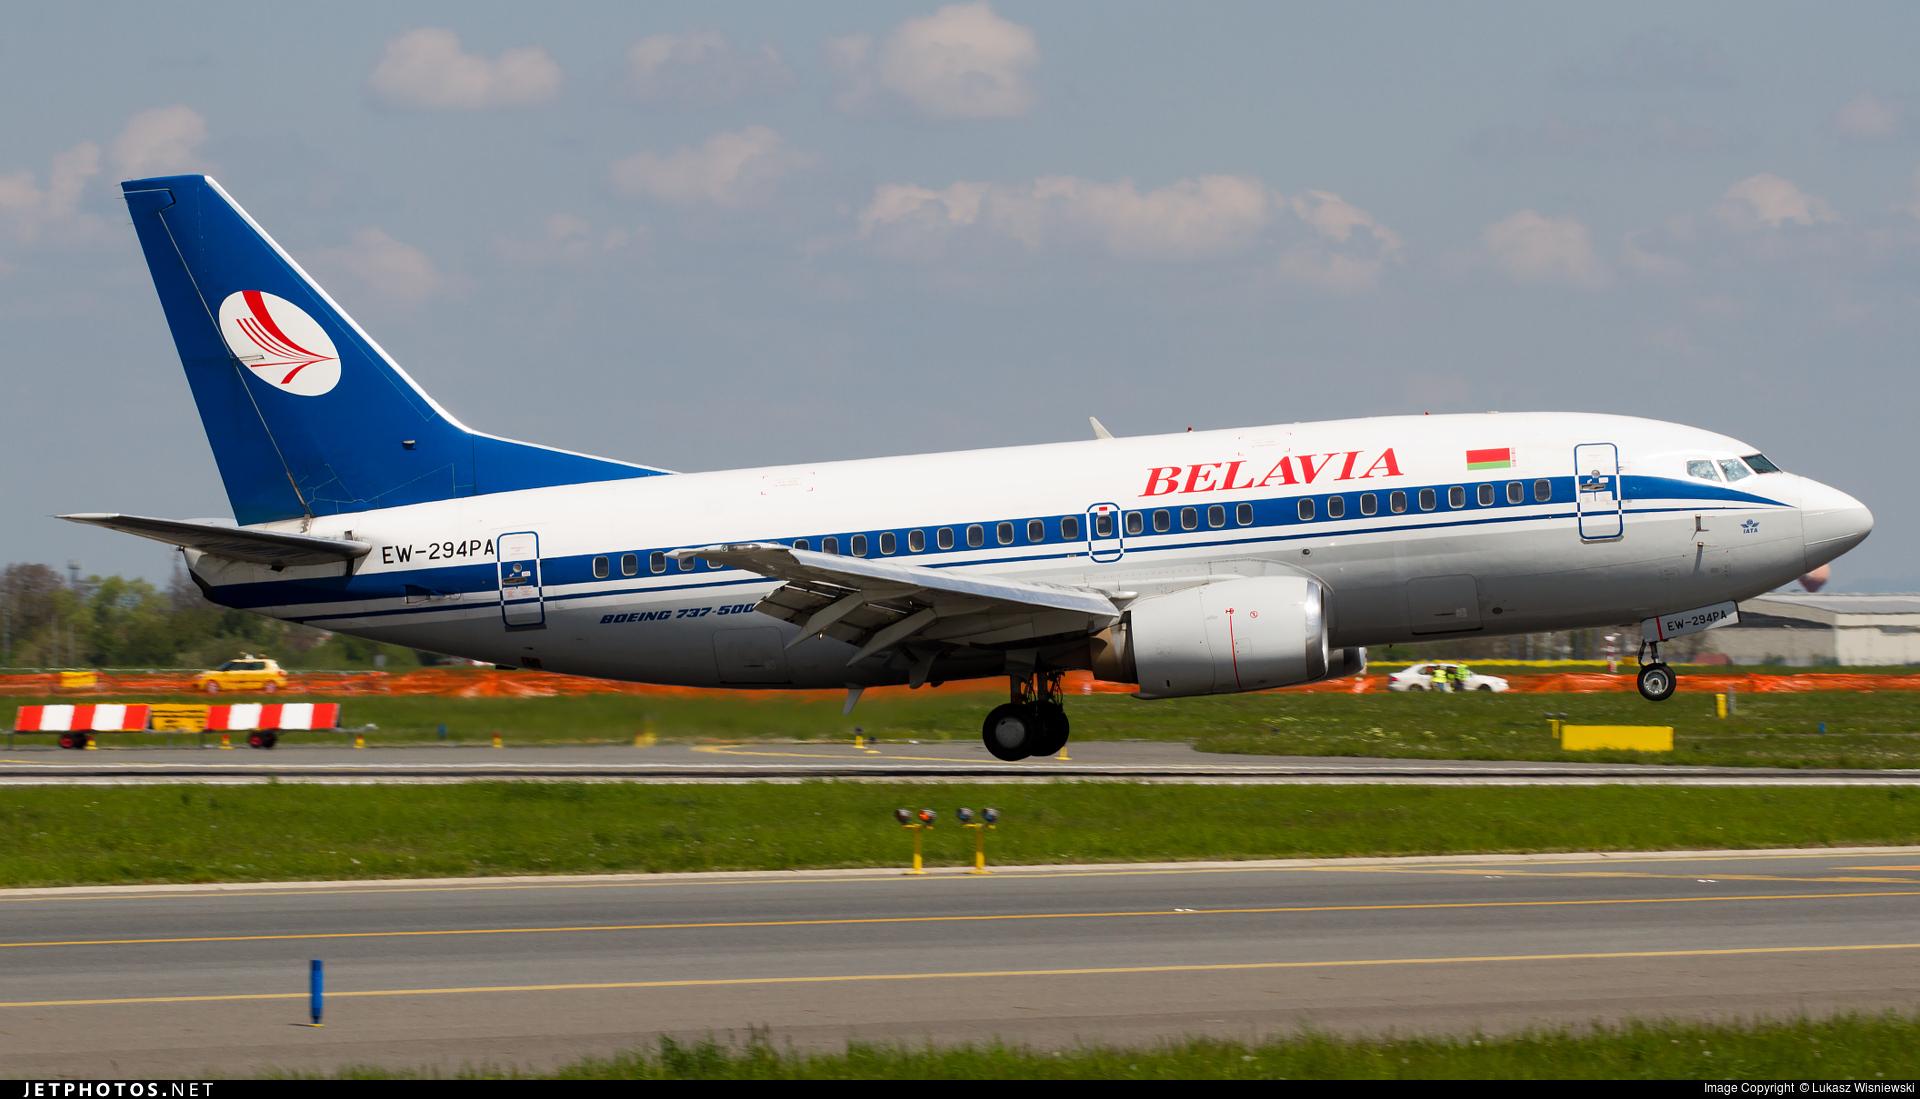 EW-294PA - Boeing 737-505 - Belavia Belarusian Airlines